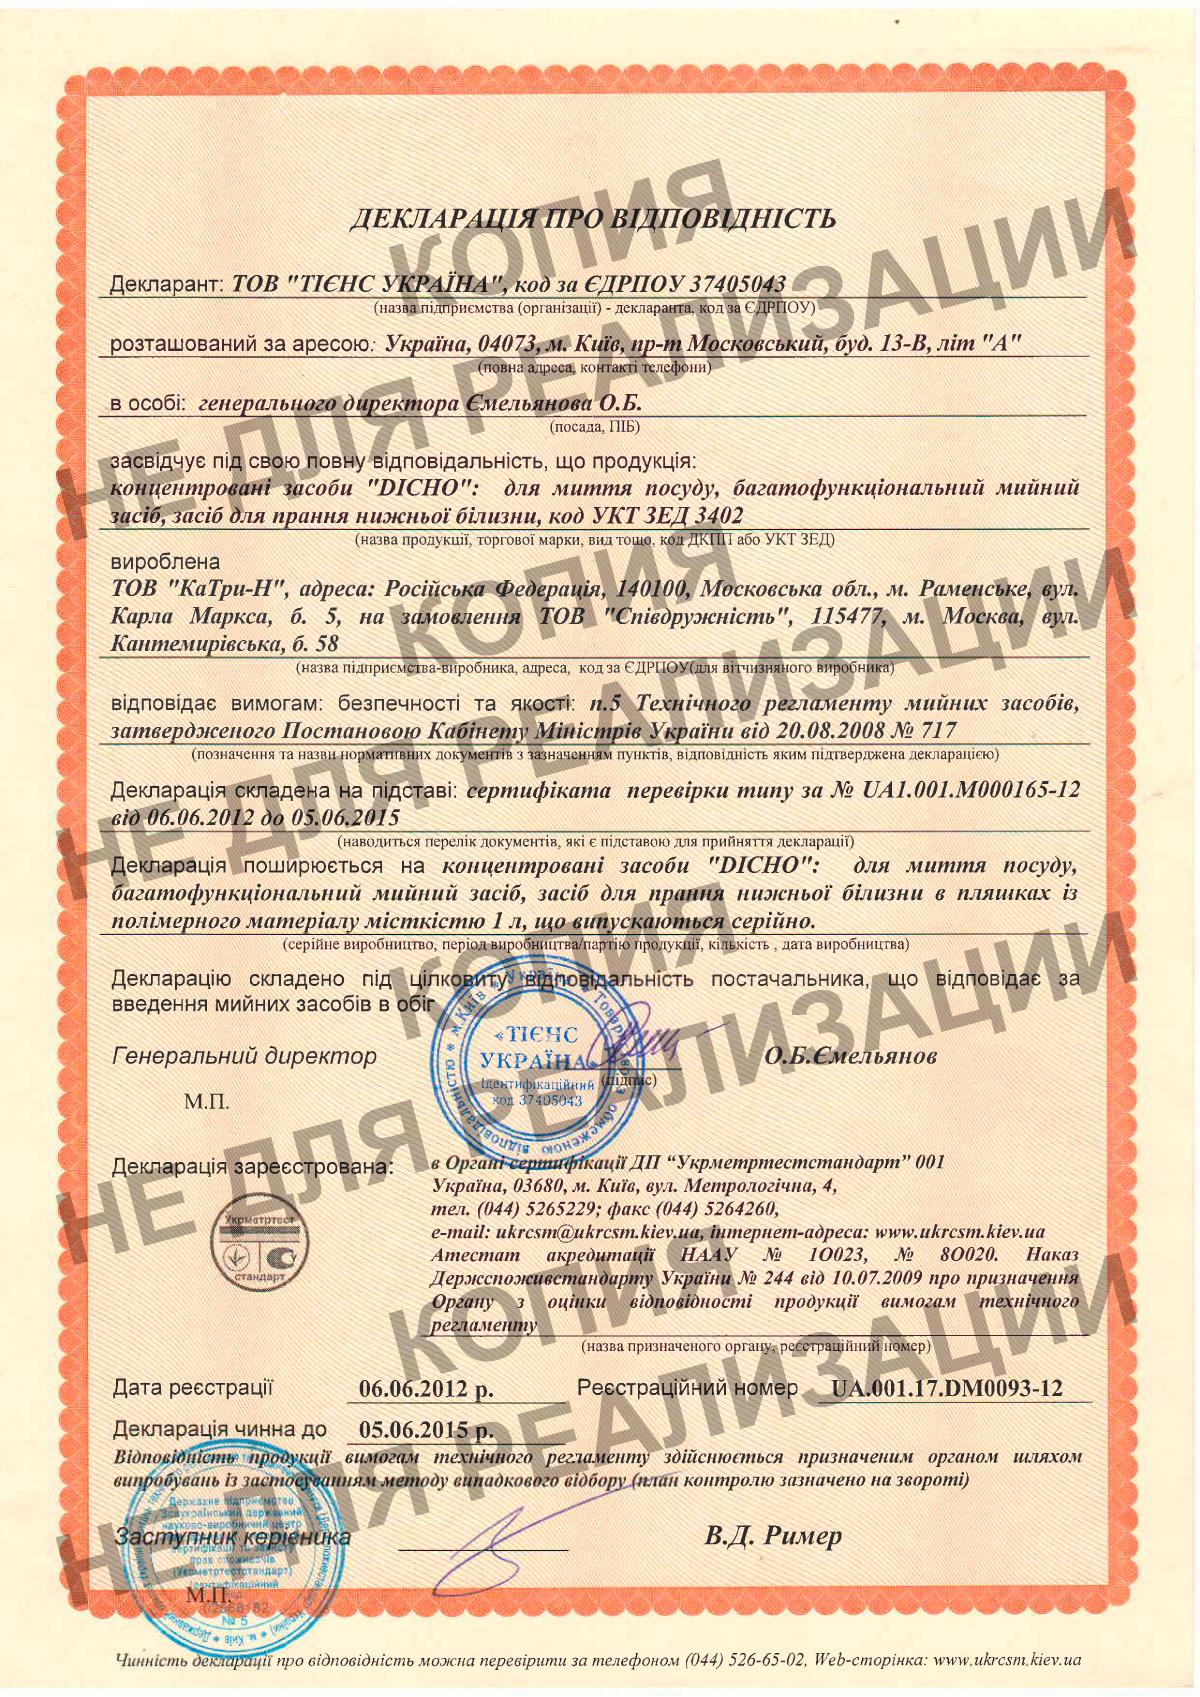 Декларация о соответствии техническому регламенту фото